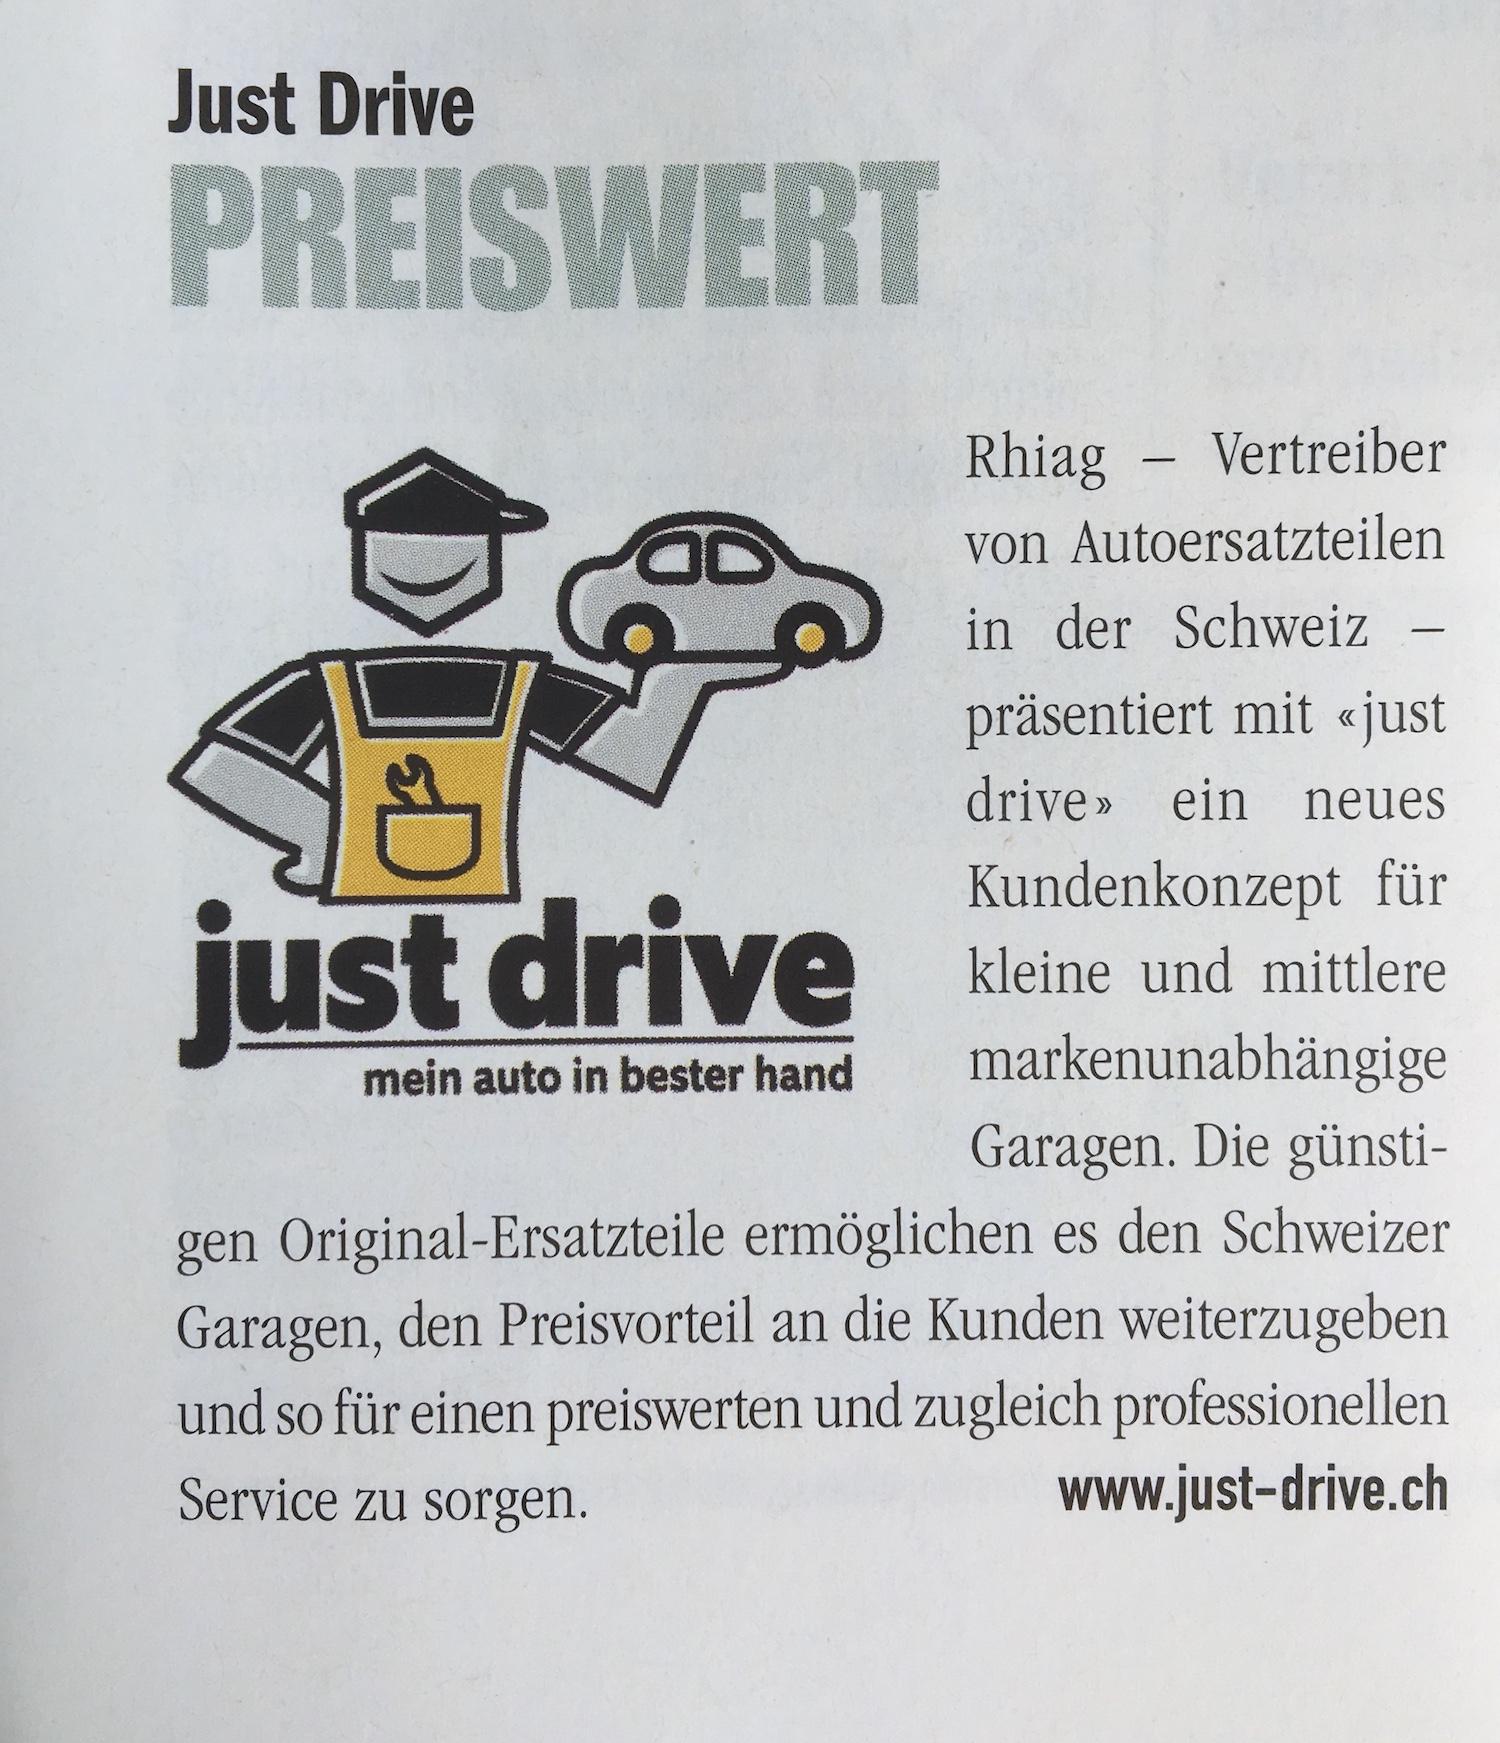 15_just drive_Preiswert_Rhiag.jpeg